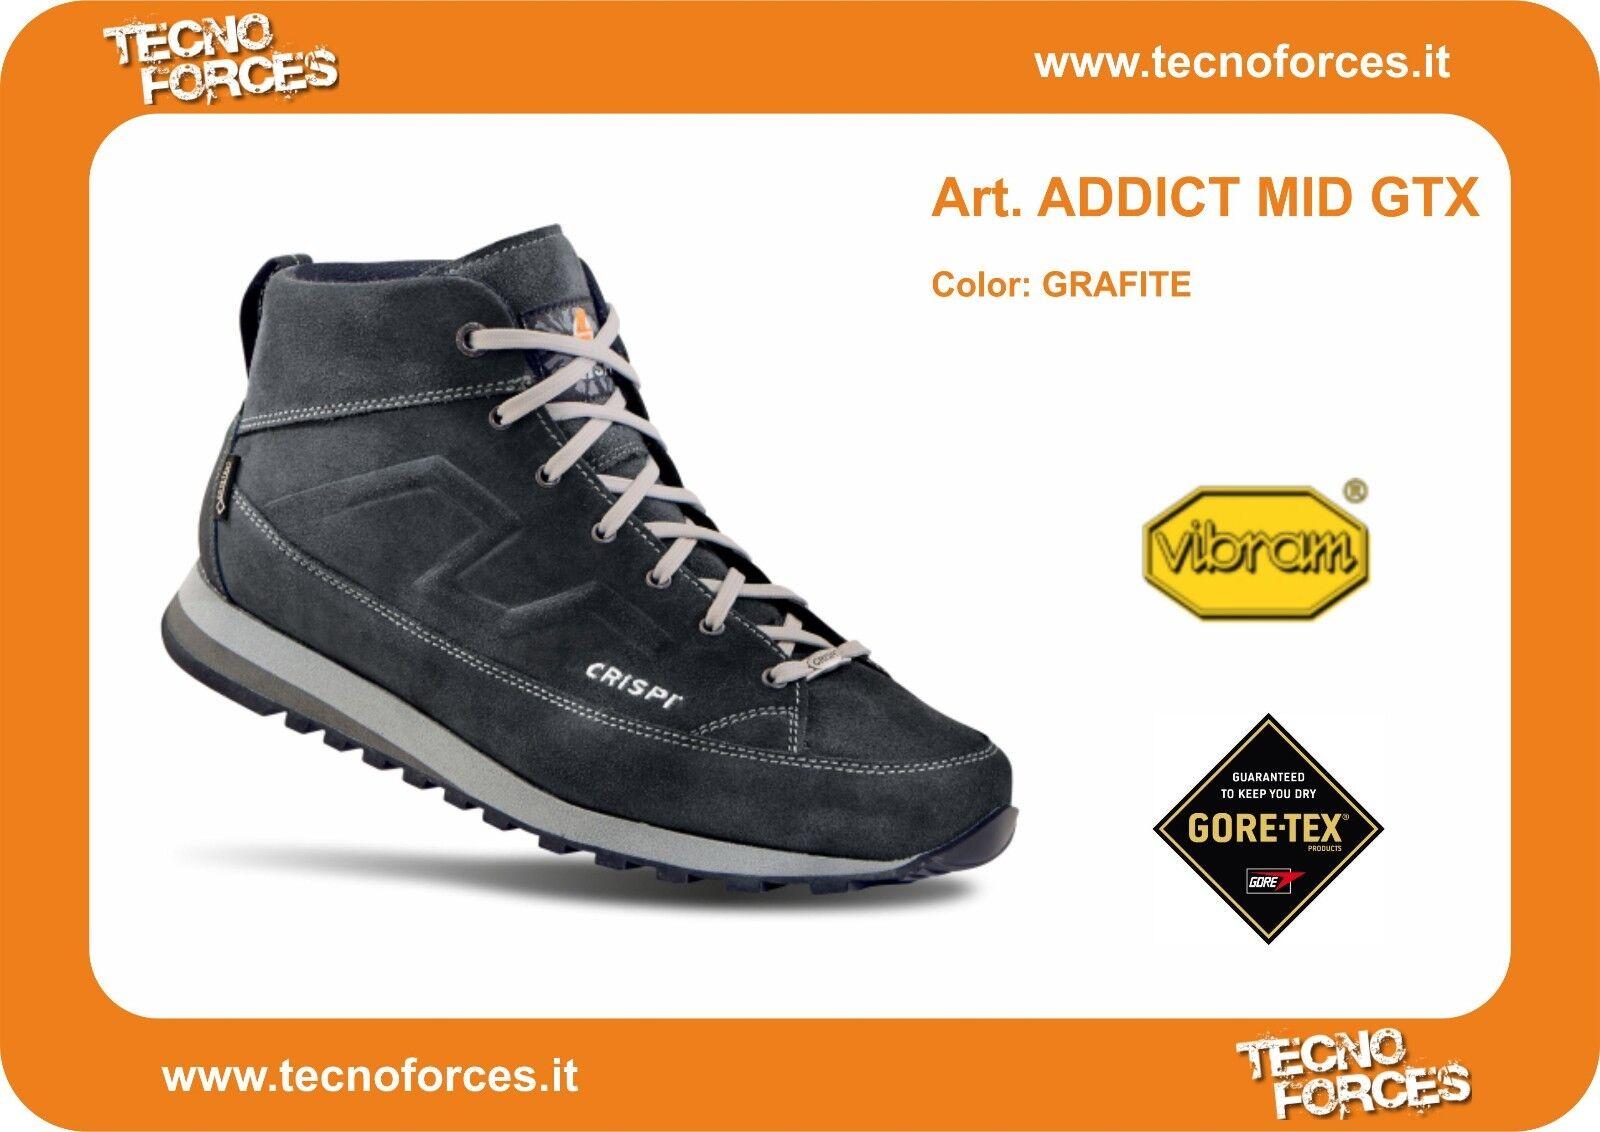 Scarpa Crispi Addict Mid GTX goretex Italy Urban outdoor made in Italy goretex sneakersGRAFITE c34b24